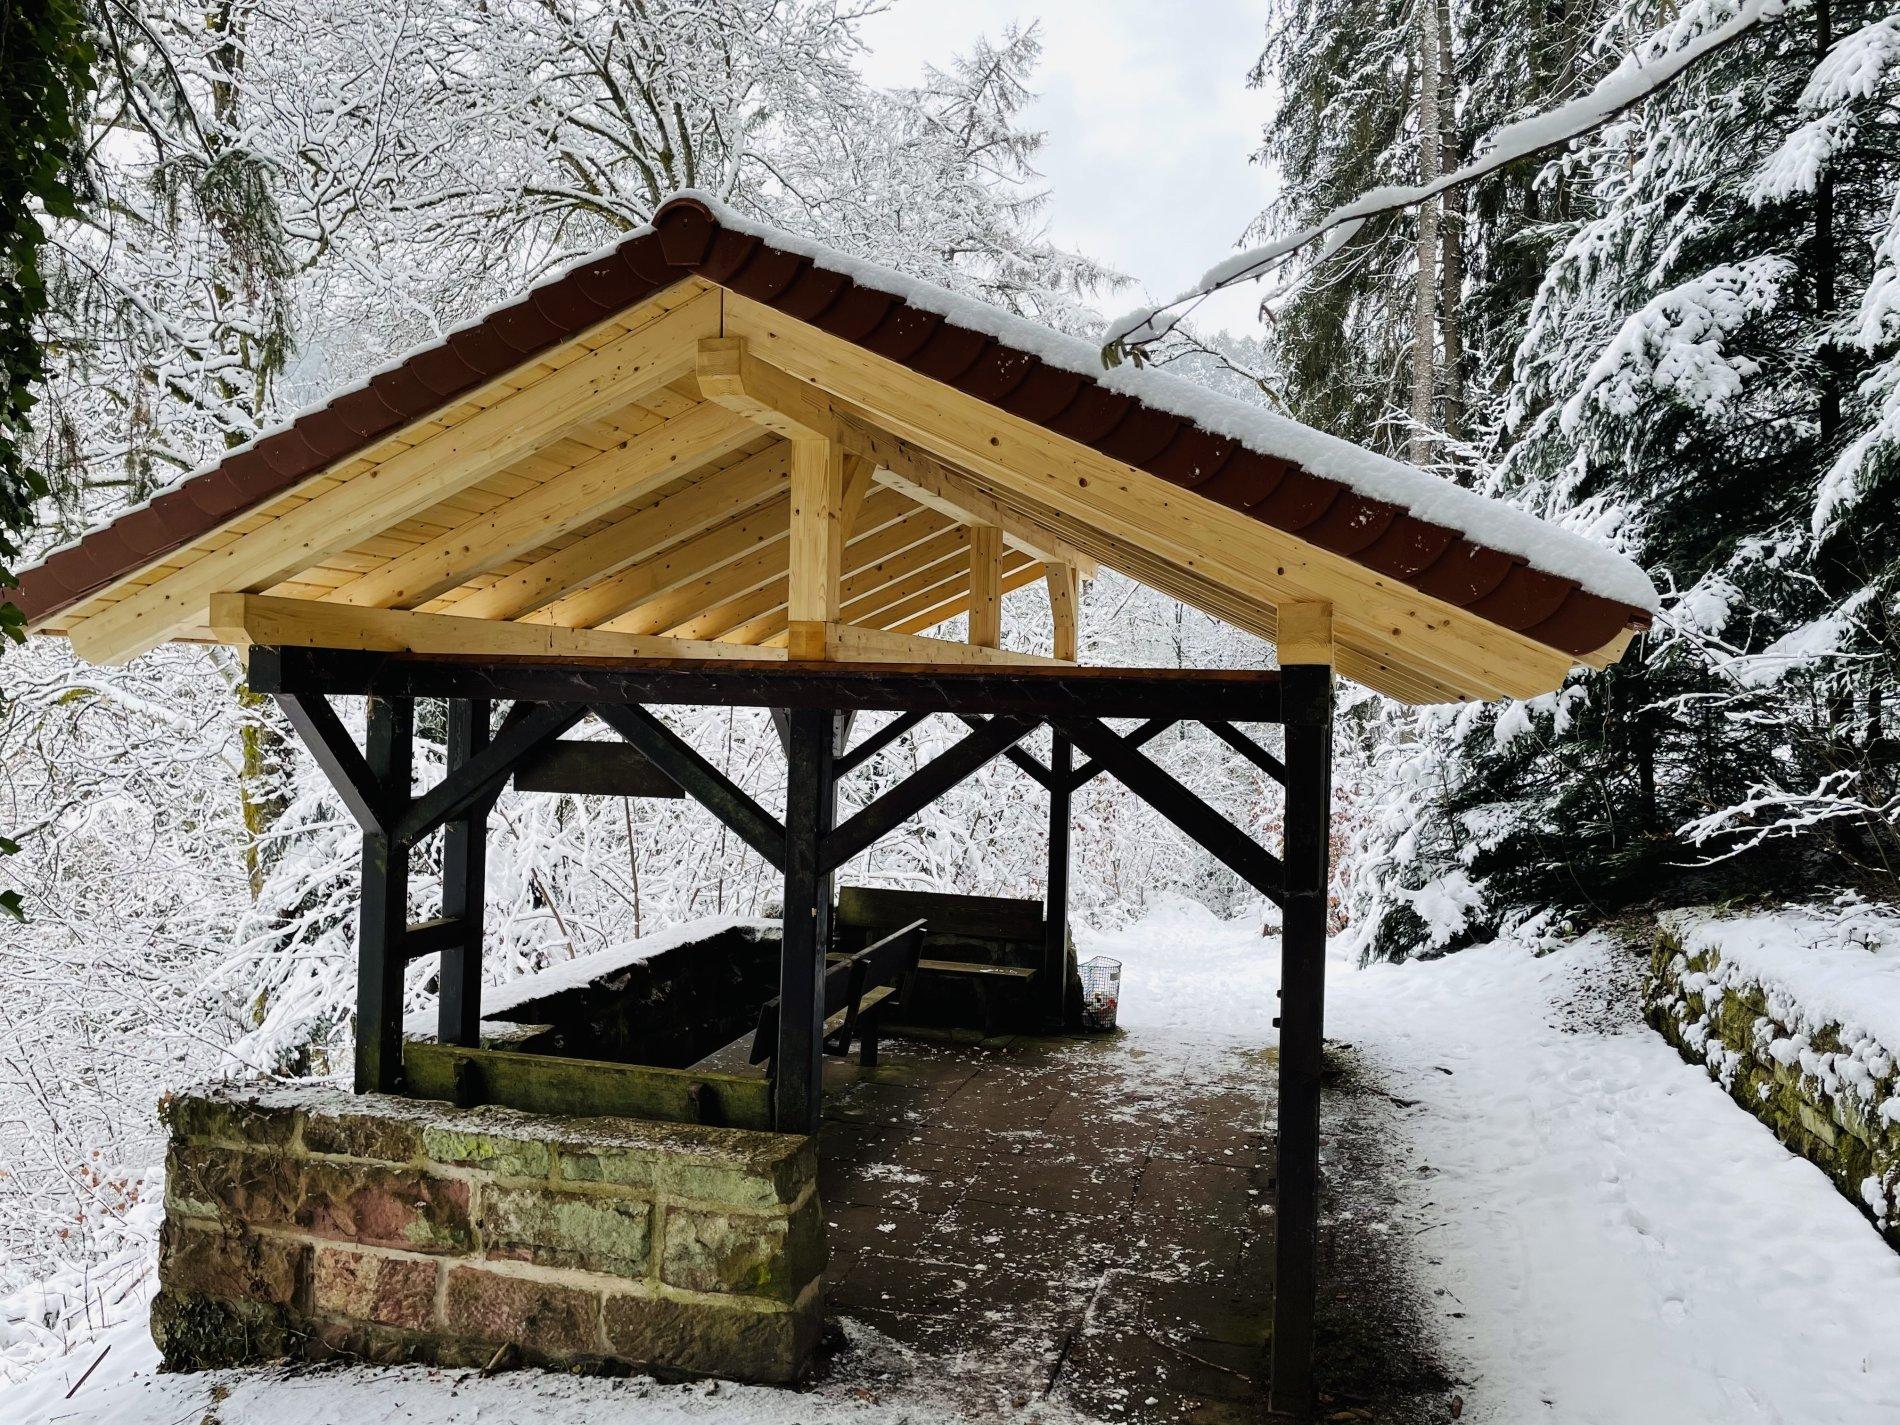 Scheffelhütte Bad Teinach im Winter